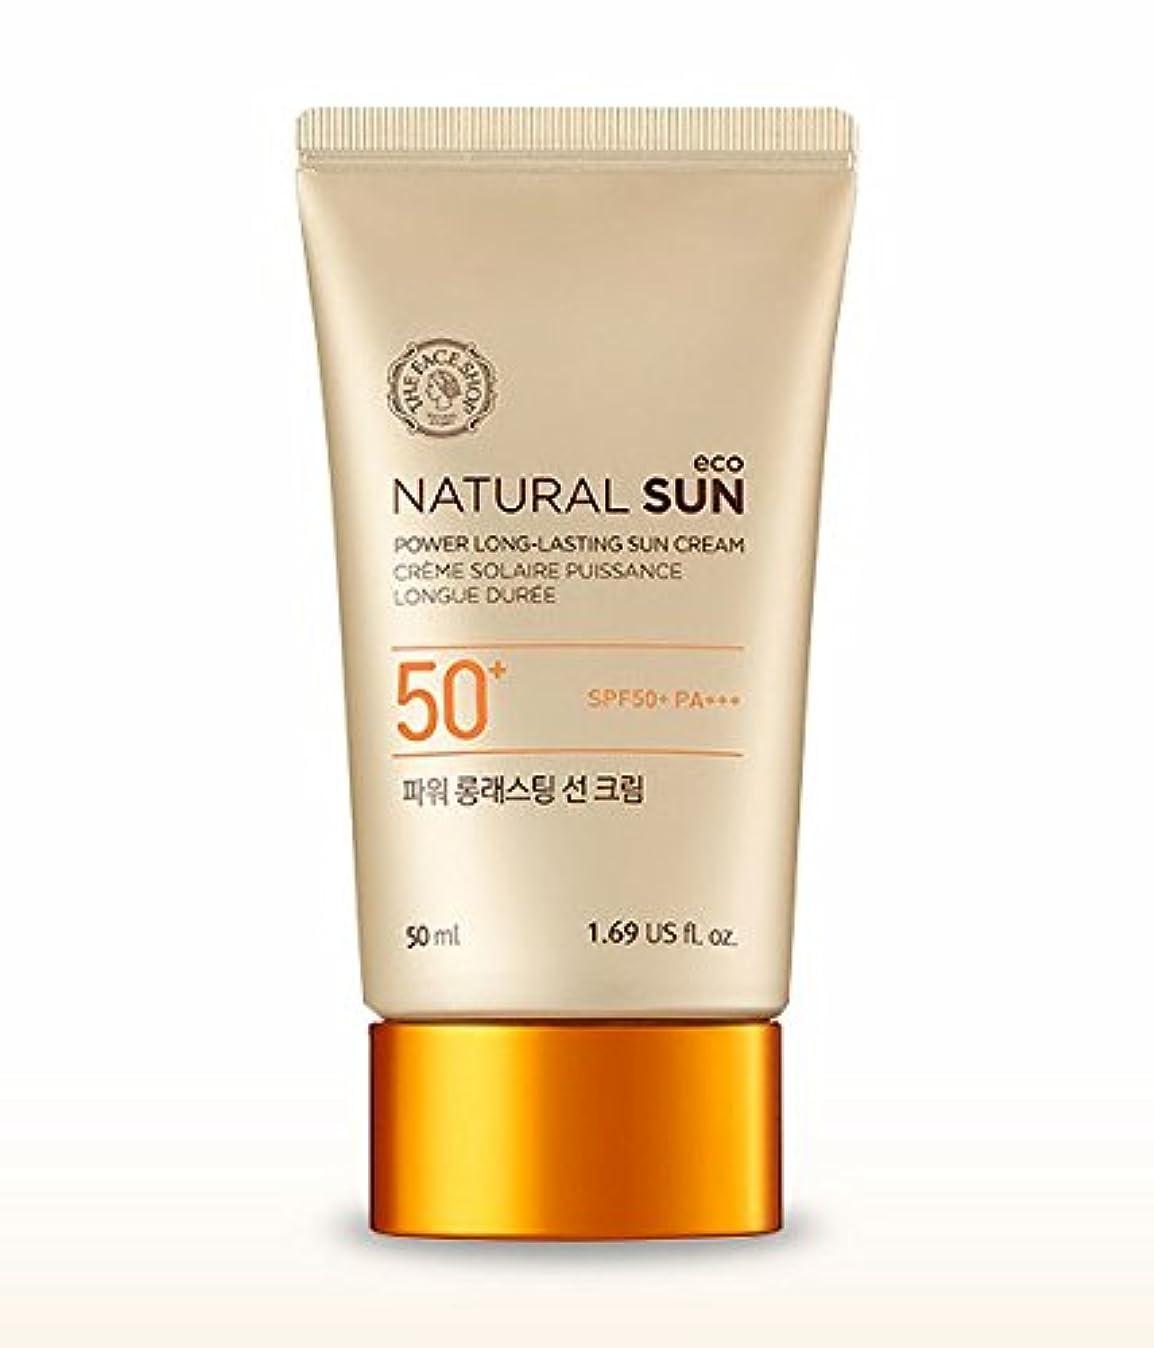 パン屋レキシコン写真撮影THE FACE SHOP Natural Sun Eco Power Long Lasting Sun Cream 50mlザフェイスショップ ナチュラルサンパワーロングラスティングサンクリーム [並行輸入品]